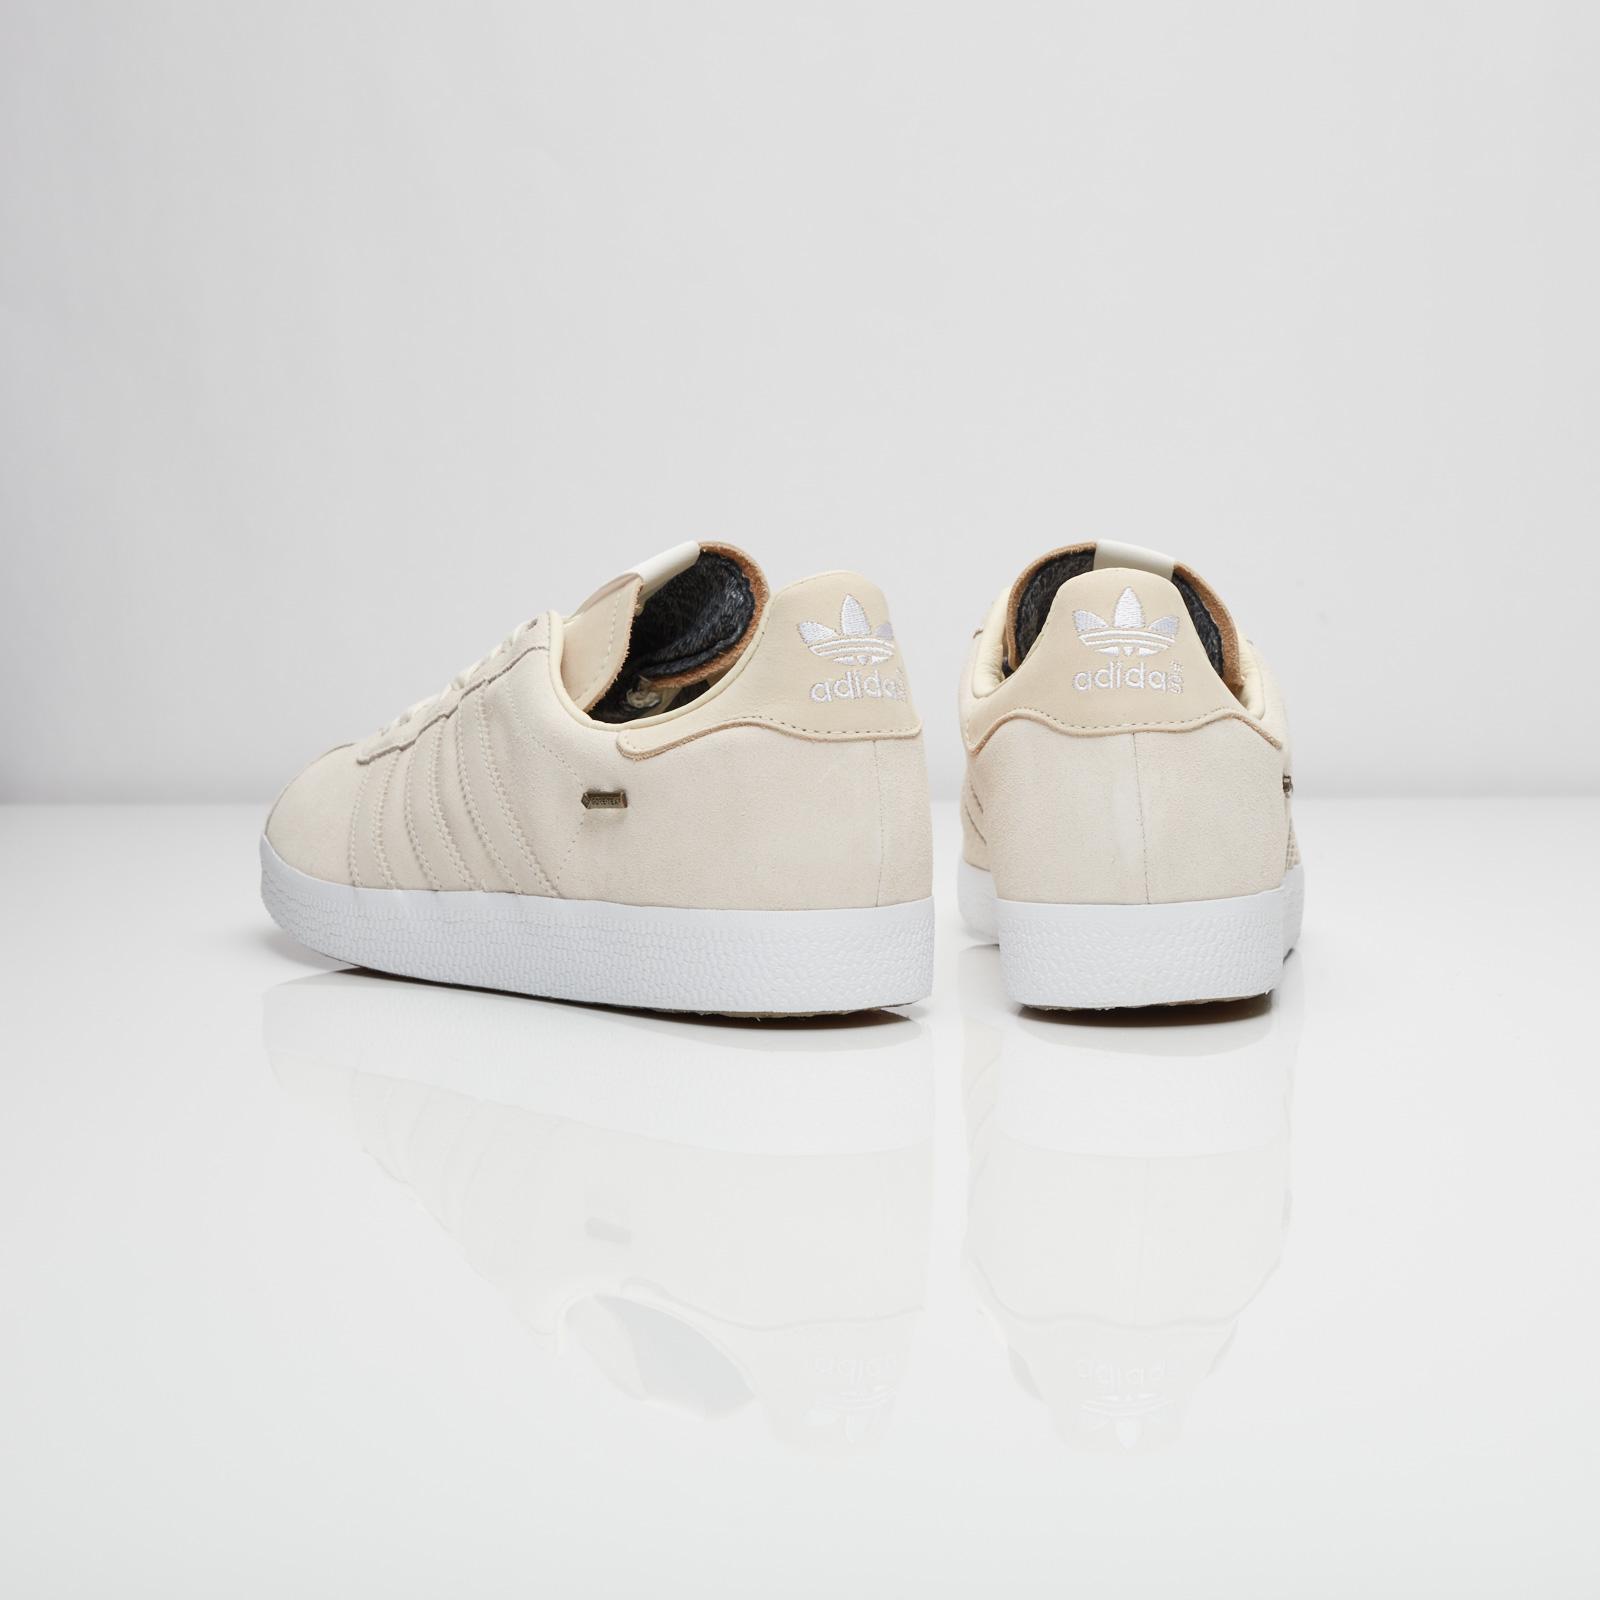 adidas Gazelle GTX